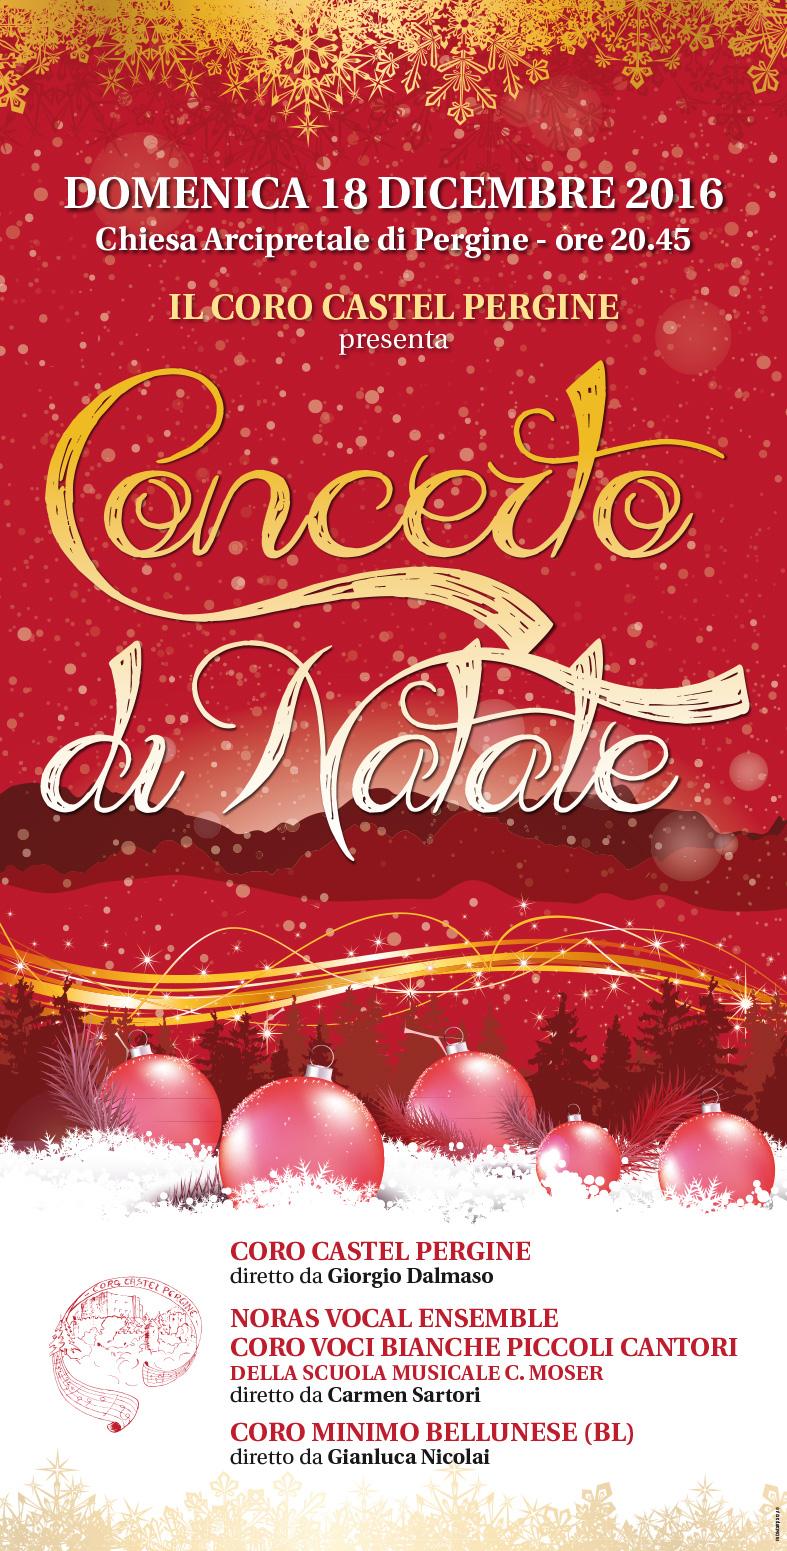 Concerto Di Natale.Concerti Di Natale Coro Castel Pergine